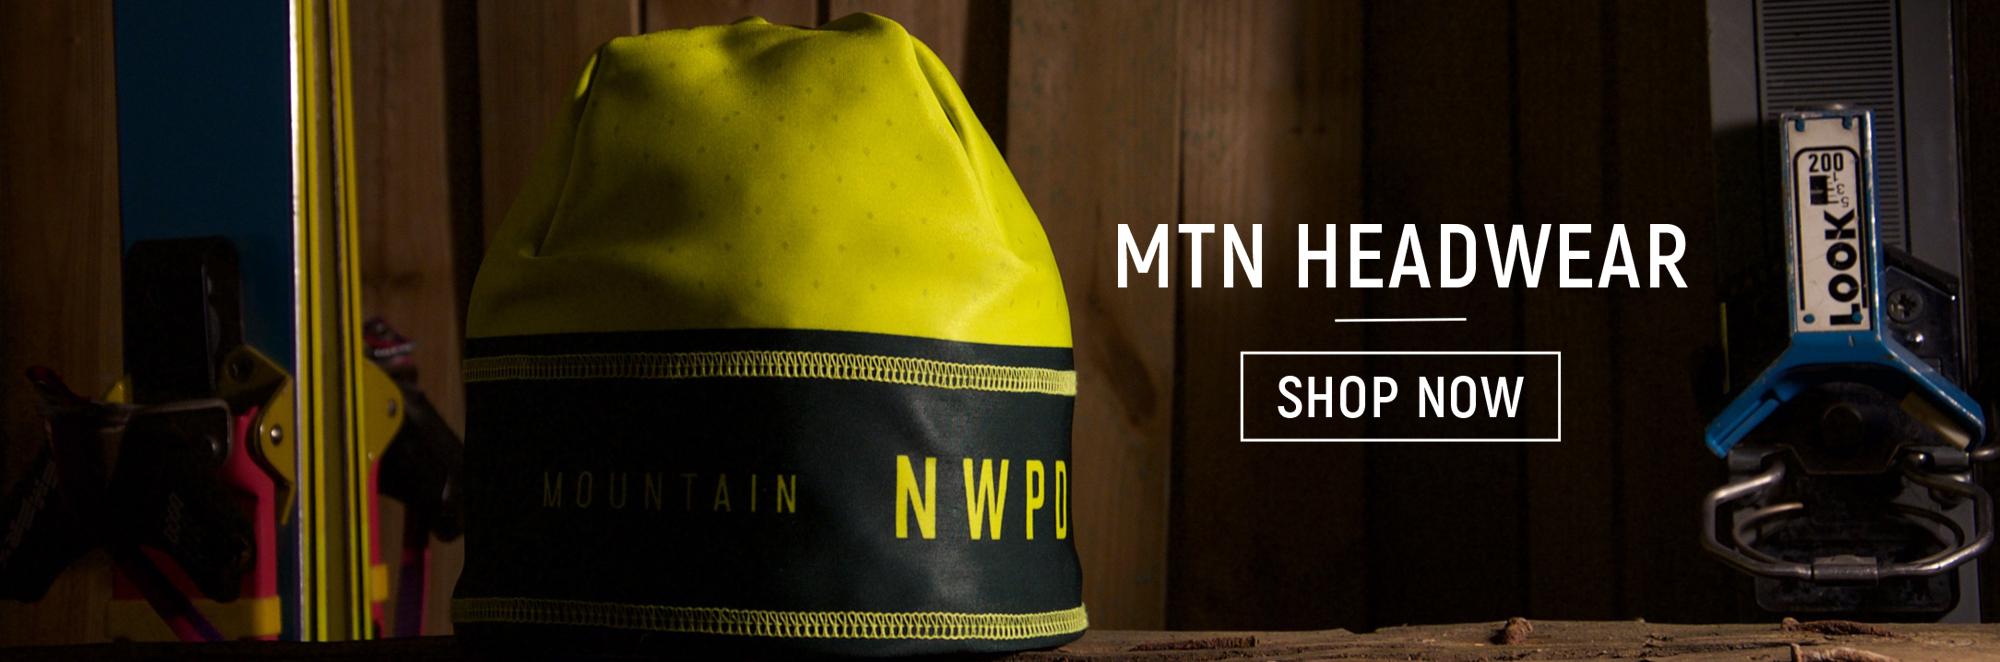 NWPD-Slide-Beanies-MTN